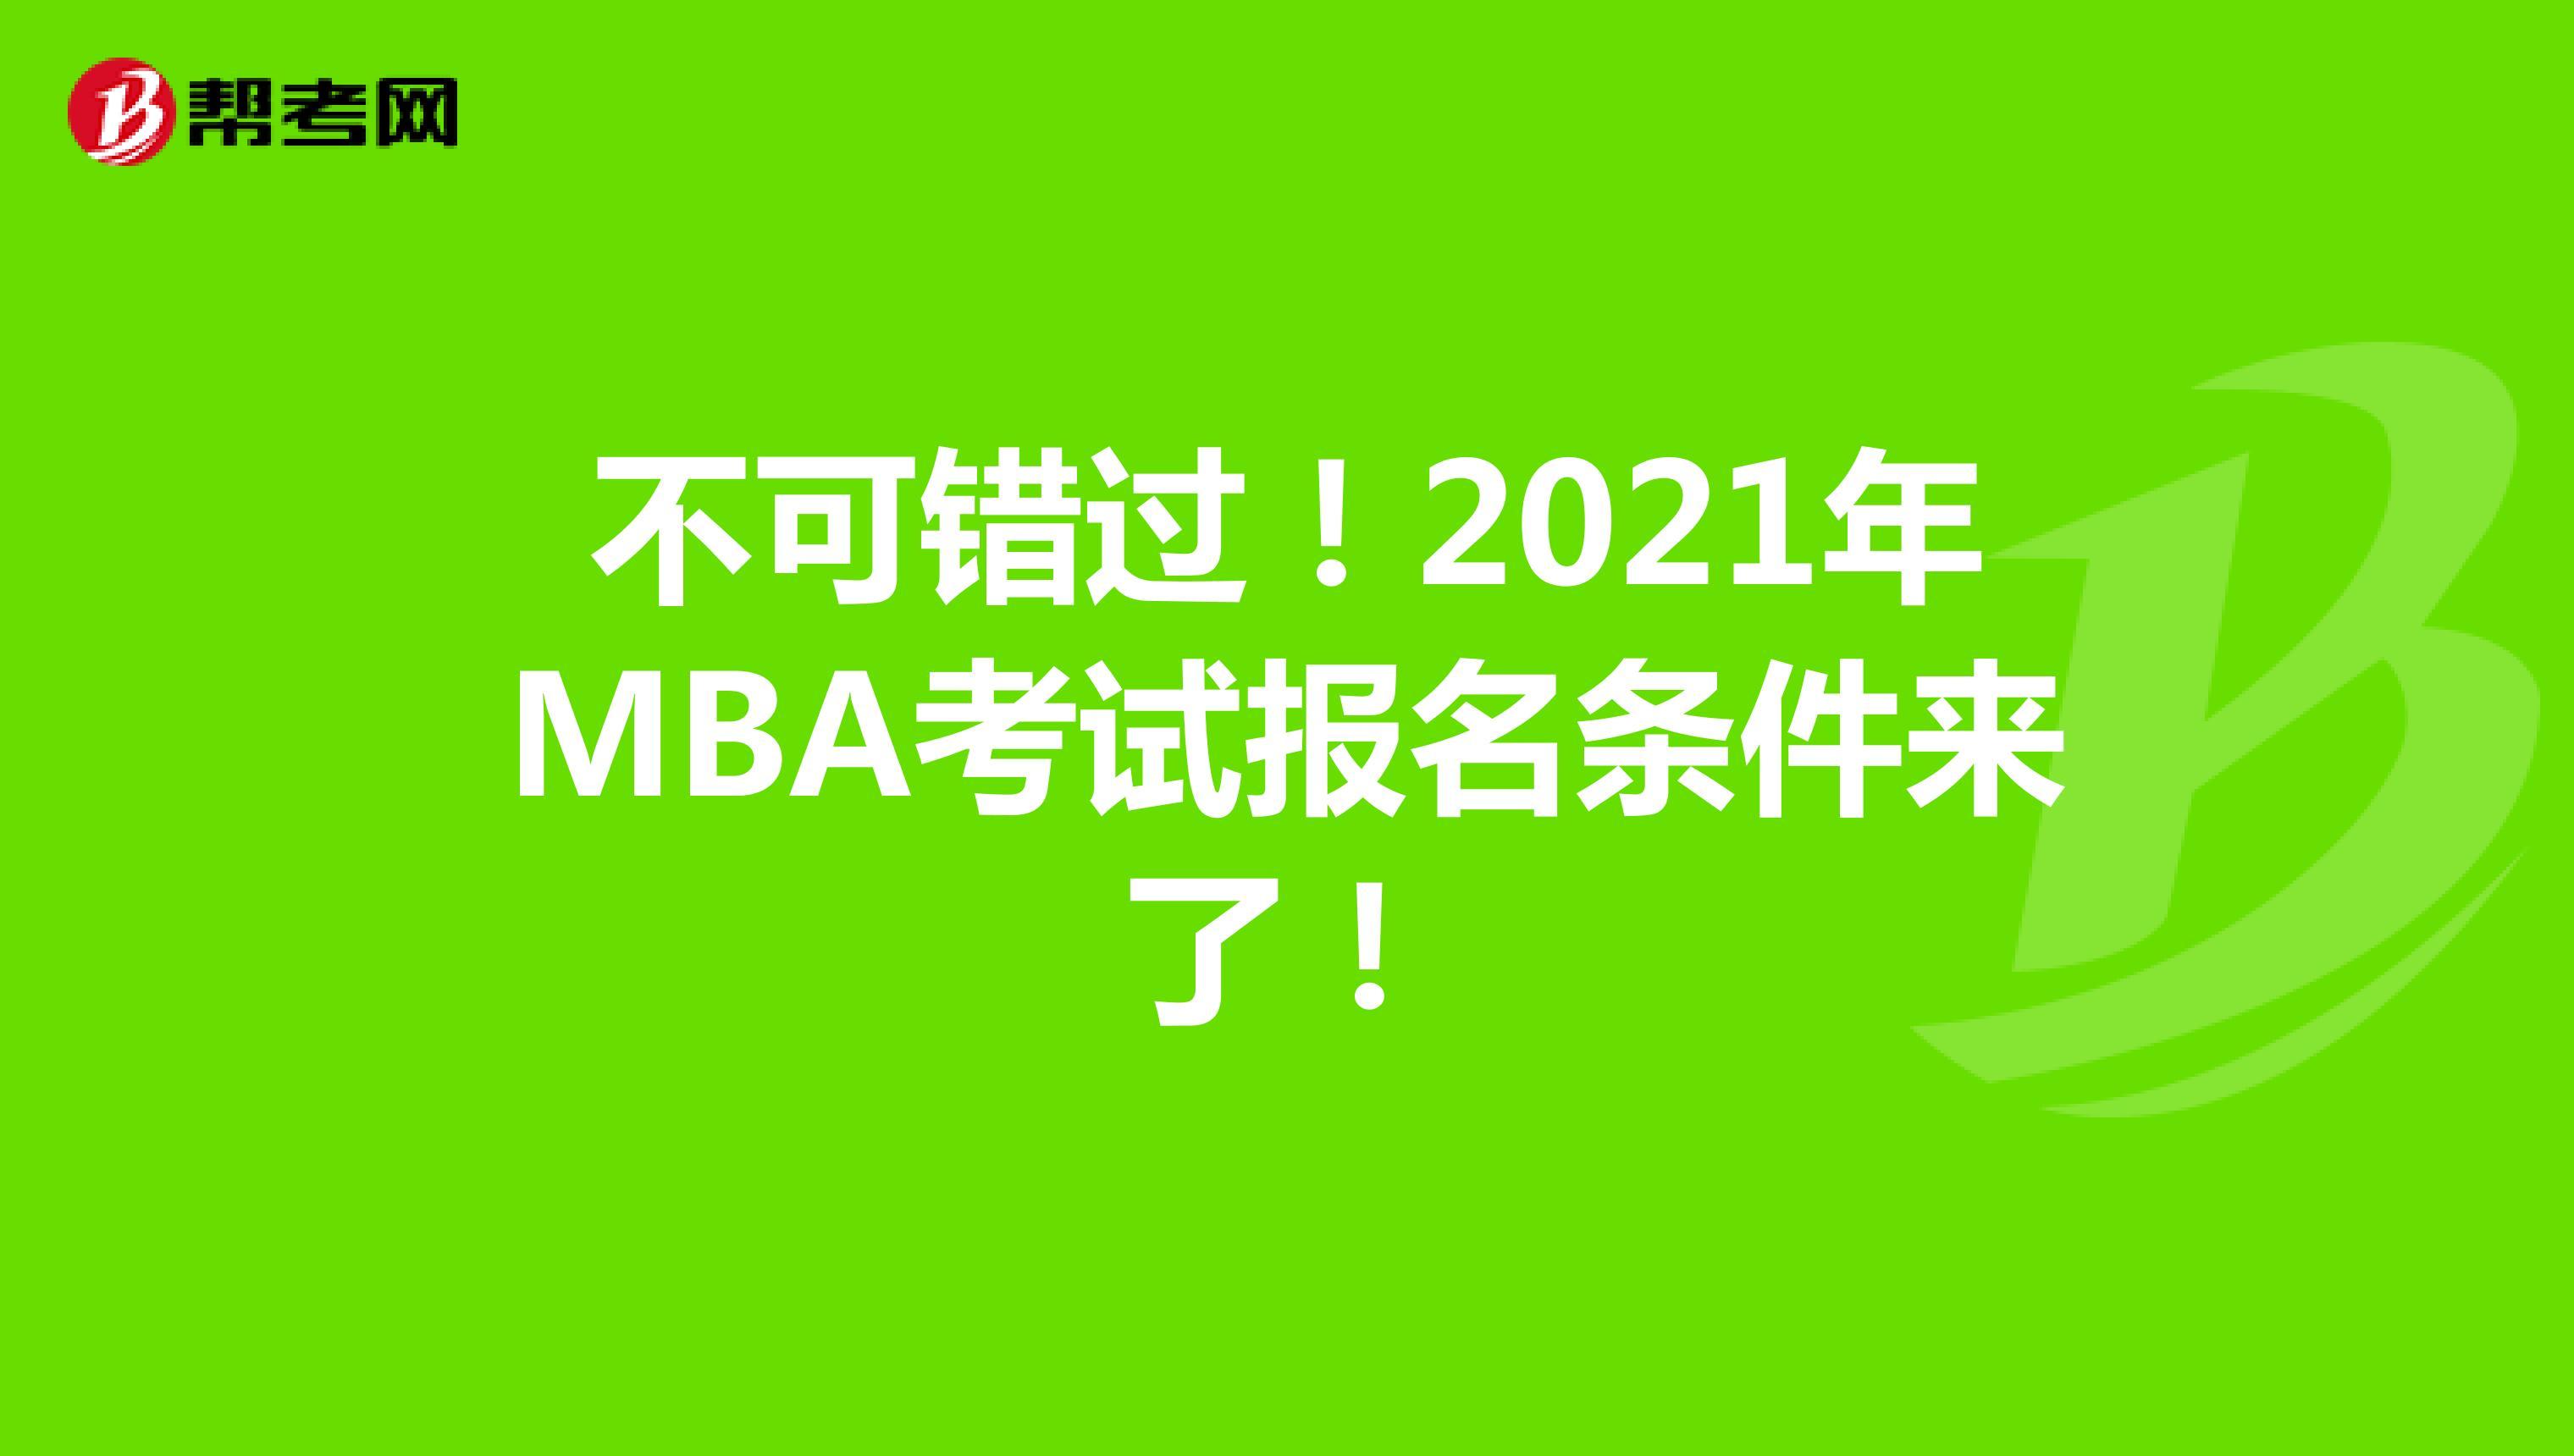 不可错过!2021年MBA考试报名条件来了!